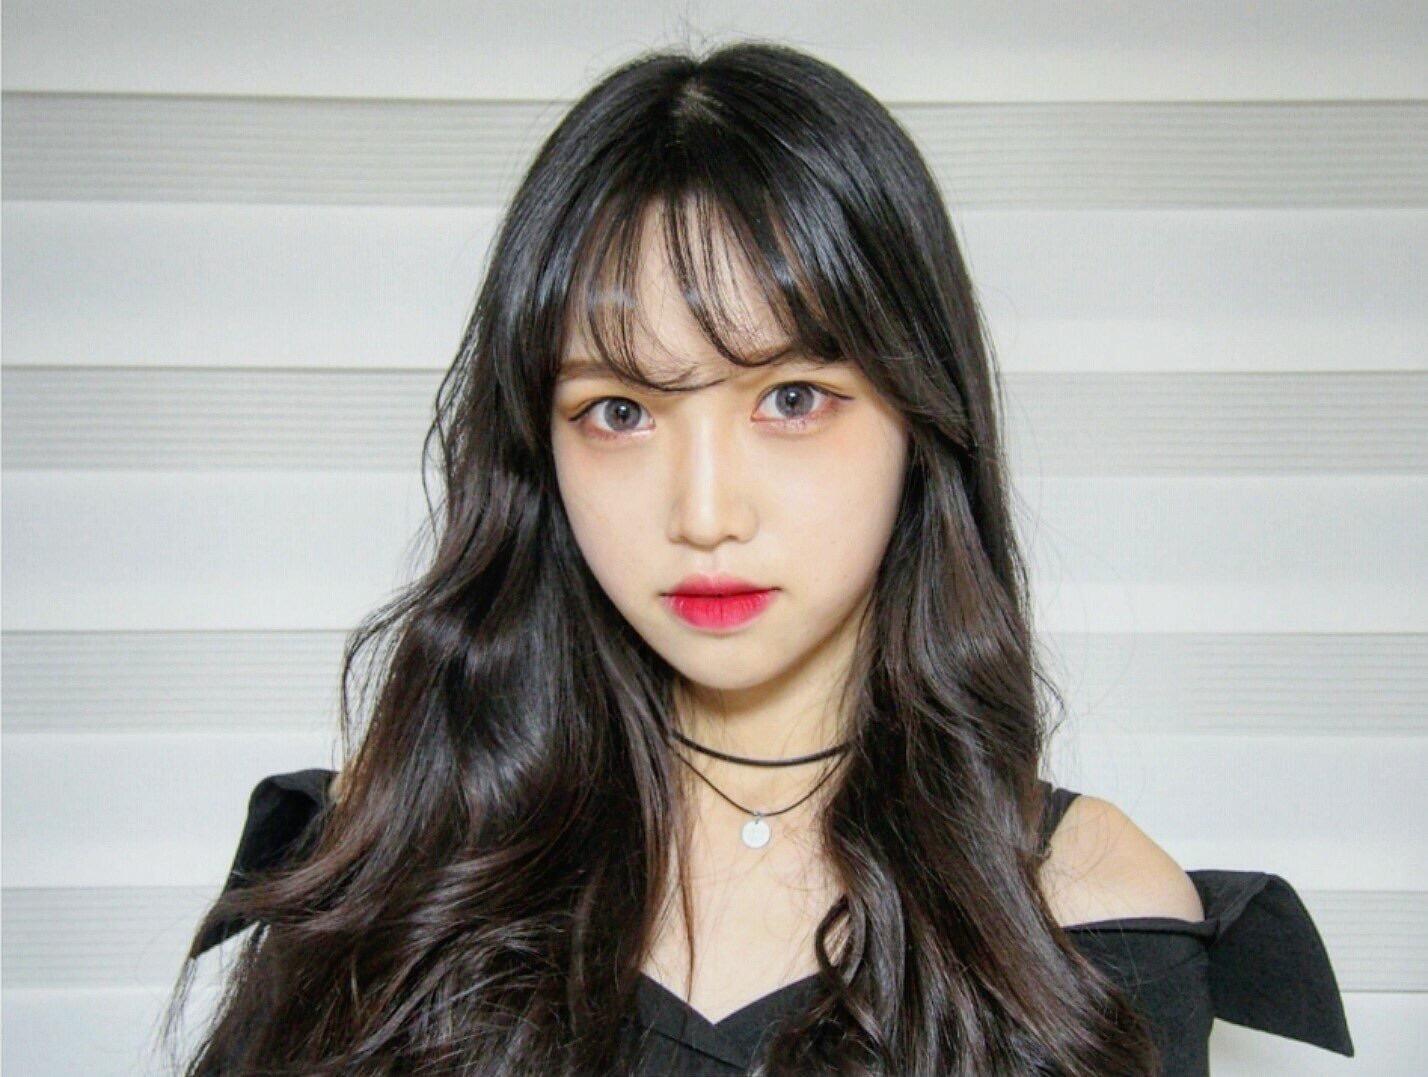 今の髪型でもヘアアレンジ一つで韓国人っぽくなれる 韓国で流行中の